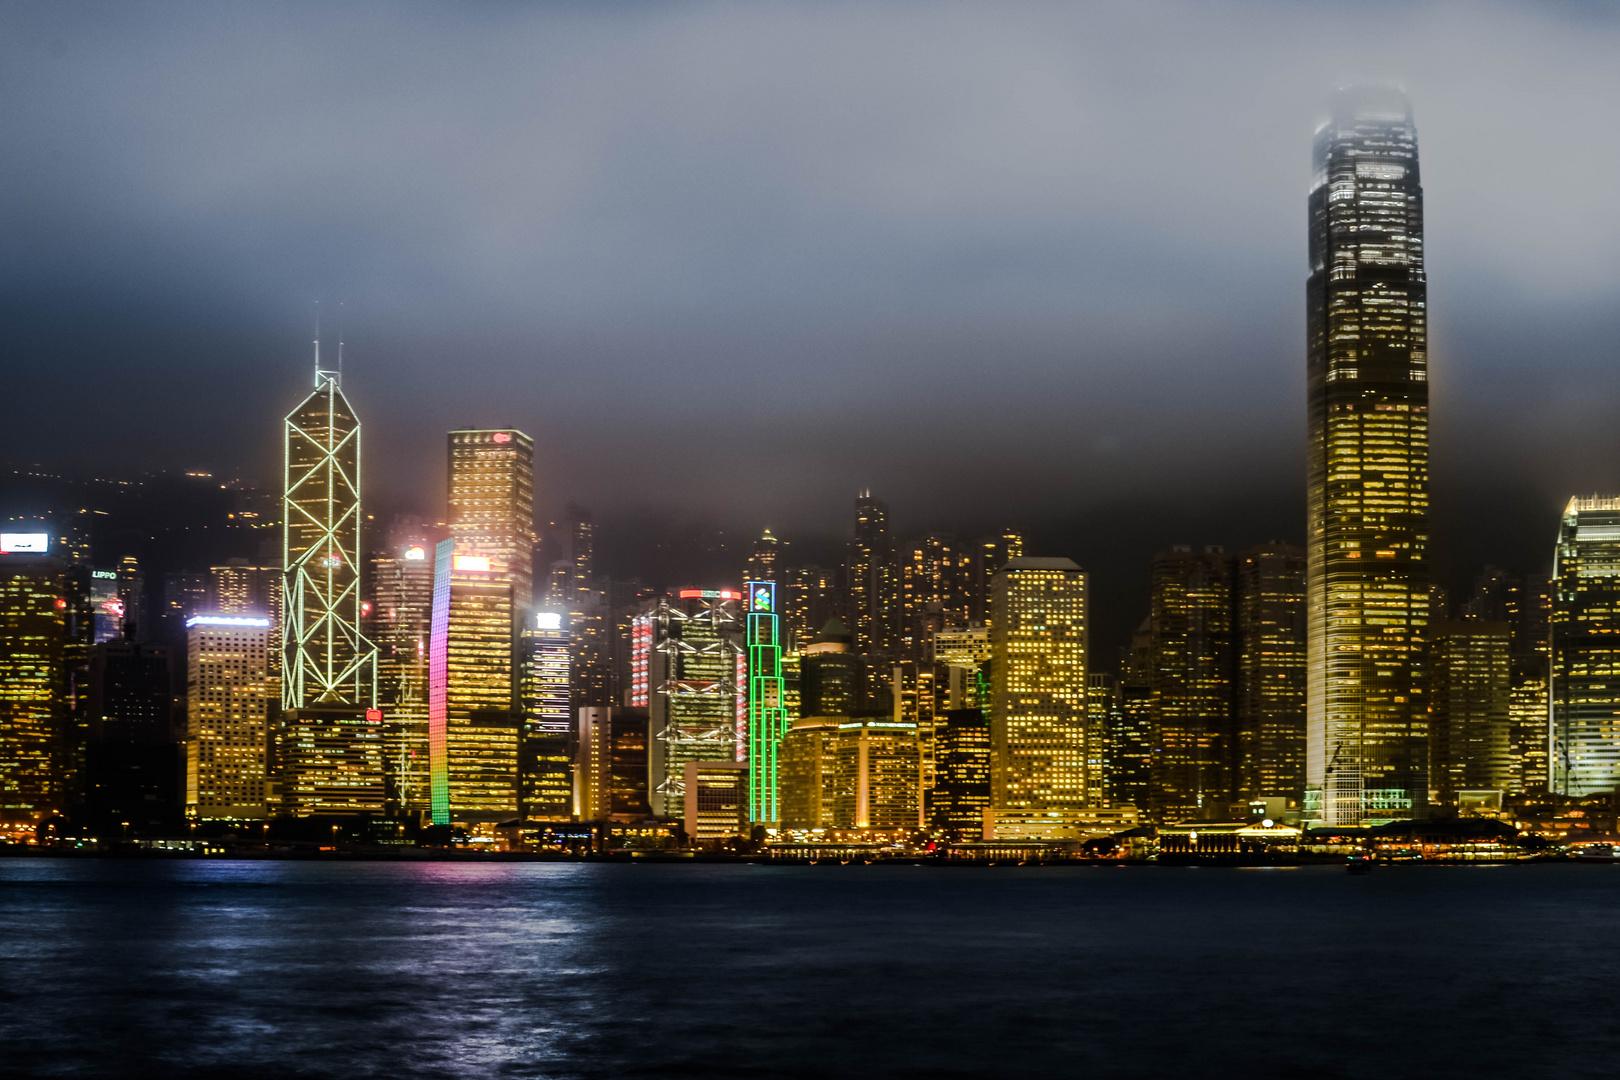 Hong Kong | Night view